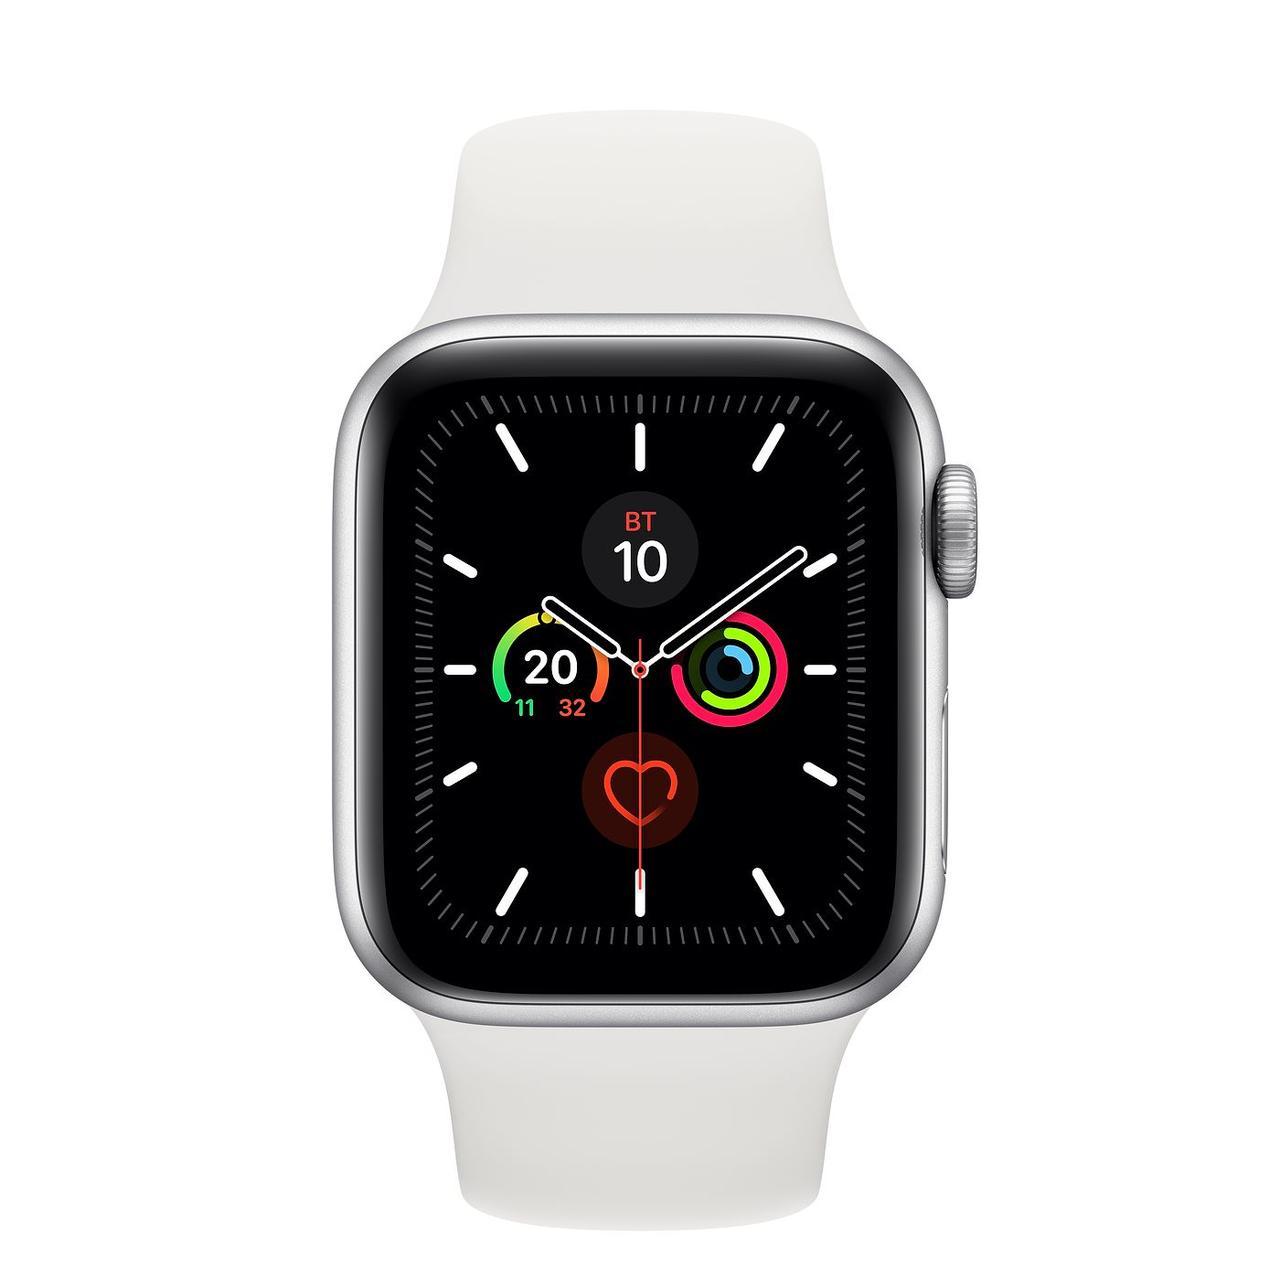 Apple Watch Series 5, 40 мм, корпус из алюминия серебристого цвета, спортивный браслет белого цвета